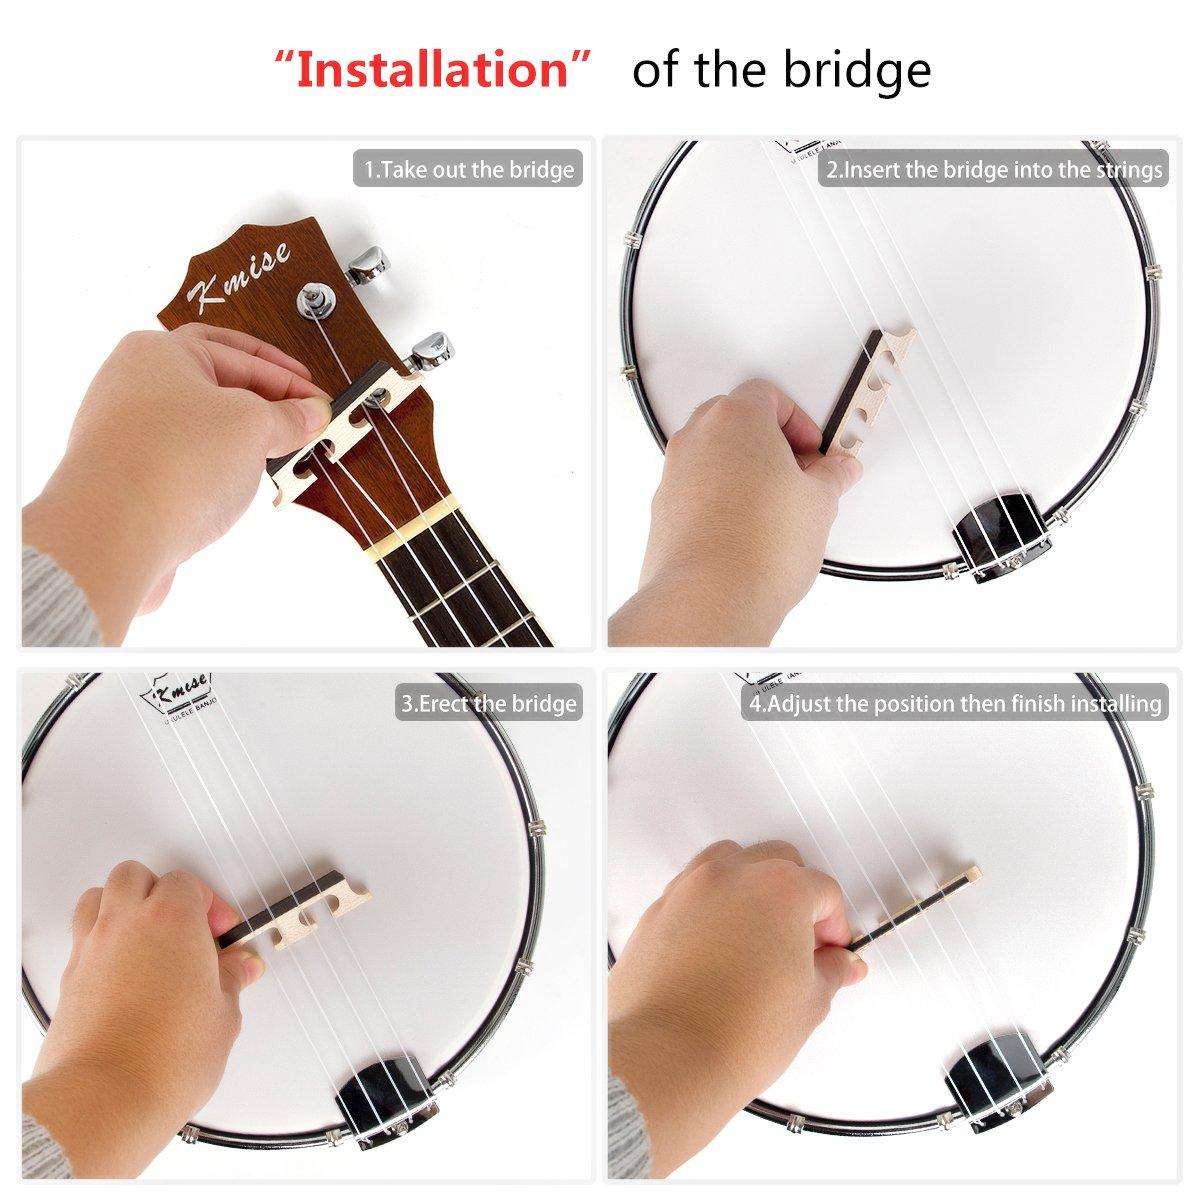 Kmise 4 String Banjo Ukulele Uke Concert 23 Inch Size Sapele With Bag Tuner by Kmise